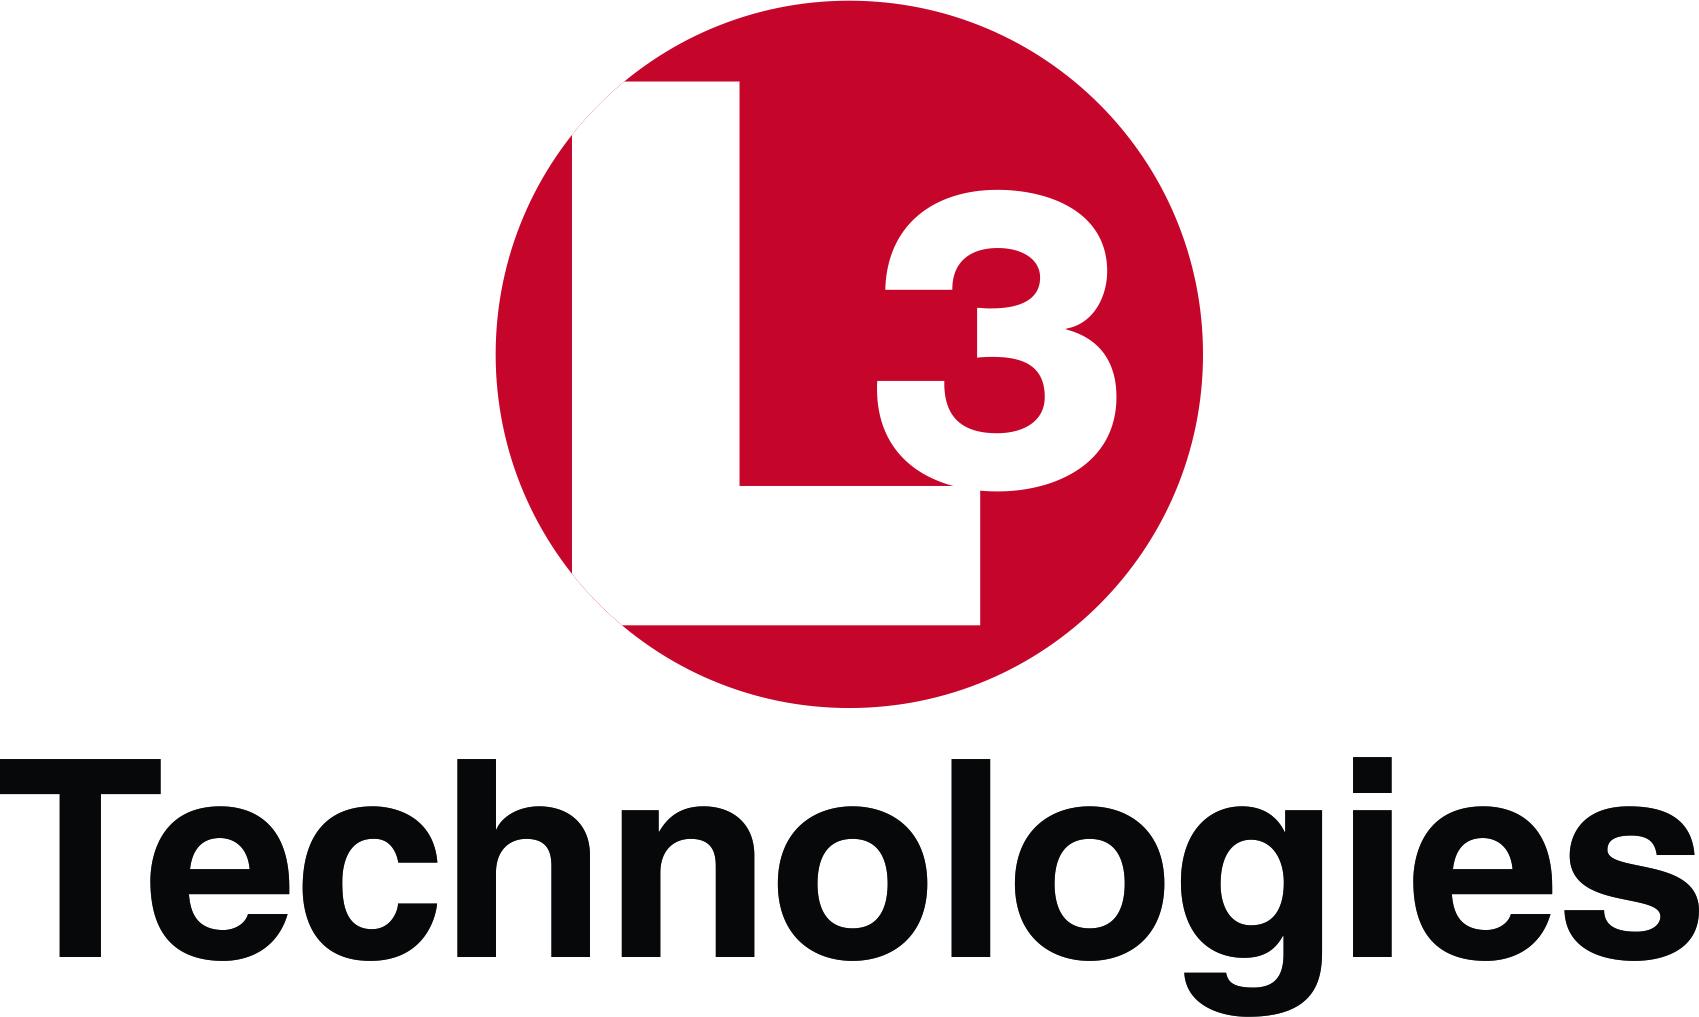 L3T_RedBlk-RGB300dpi.jpg